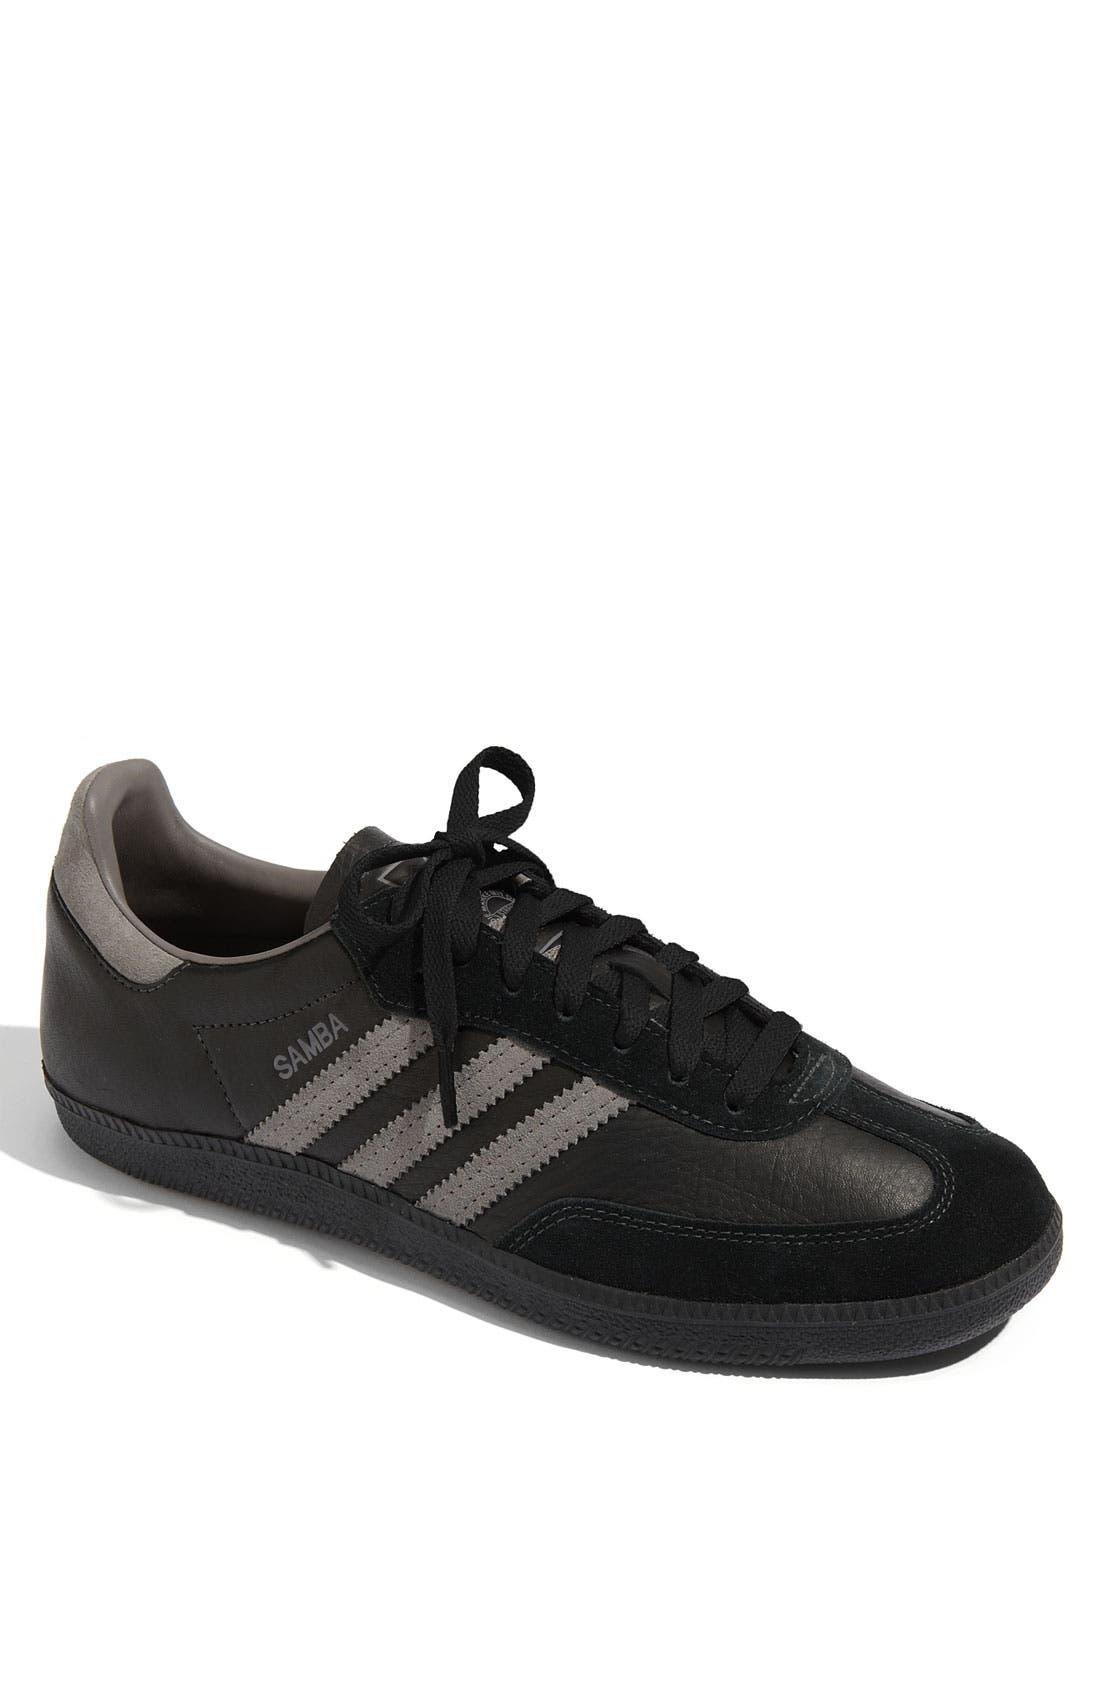 ADIDAS 'Samba' Sneaker, Main, color, 001